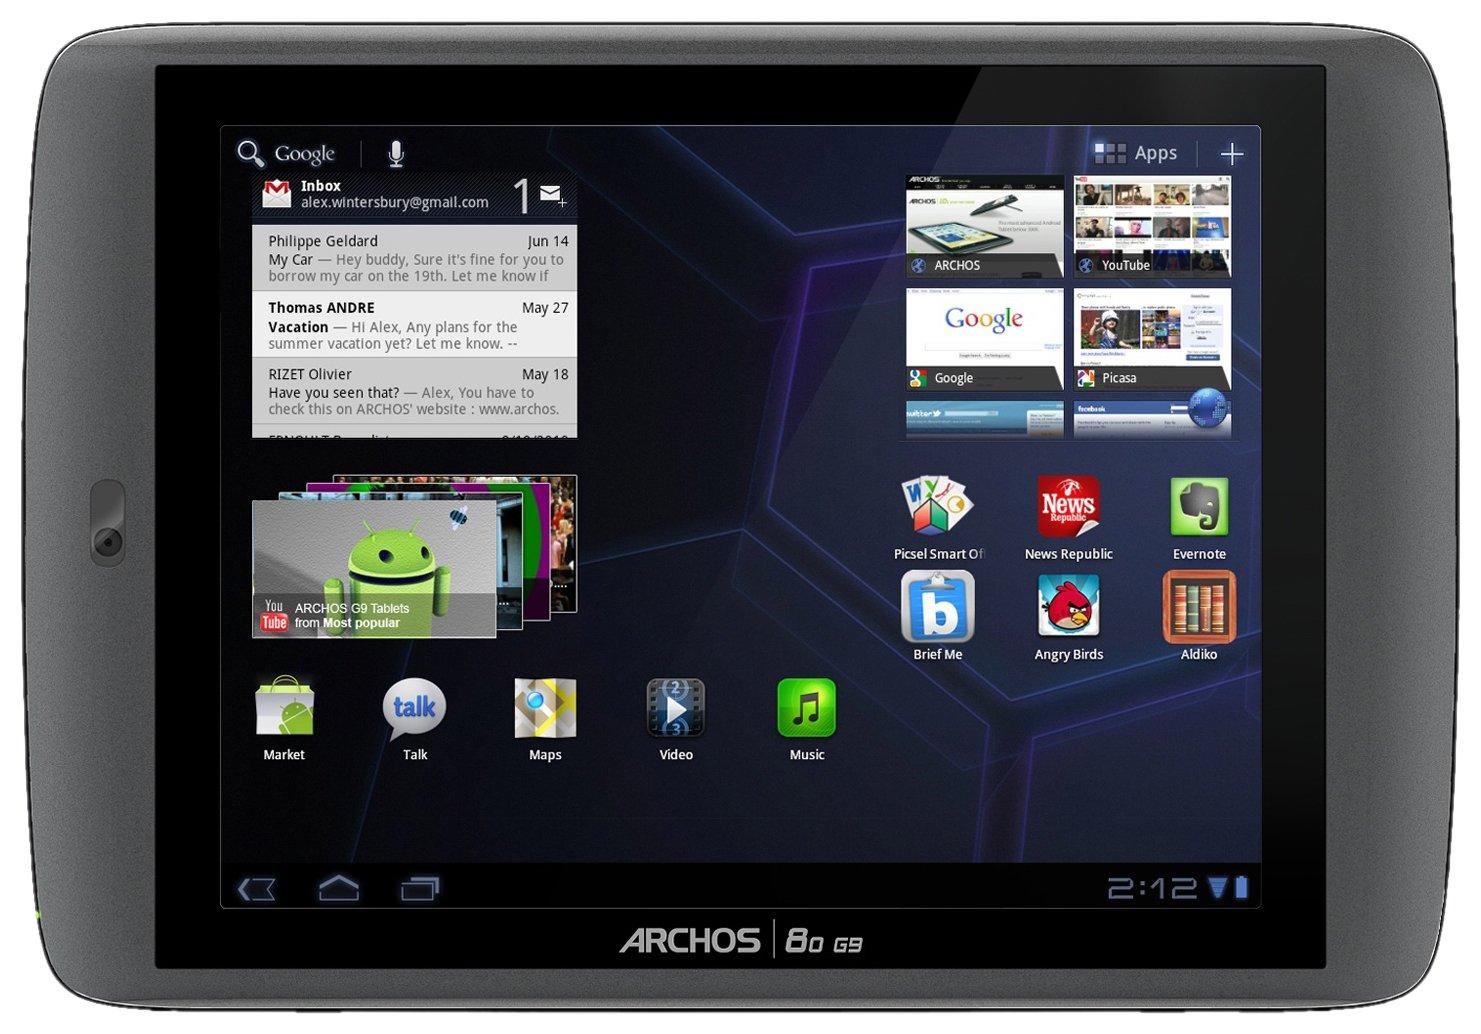 Archos 80 g9 turbo - Tablet de 8 pulgadas (Android 4.0, 250 GB, wifi, 1.5 GHz), color negro: Amazon.es: Informática